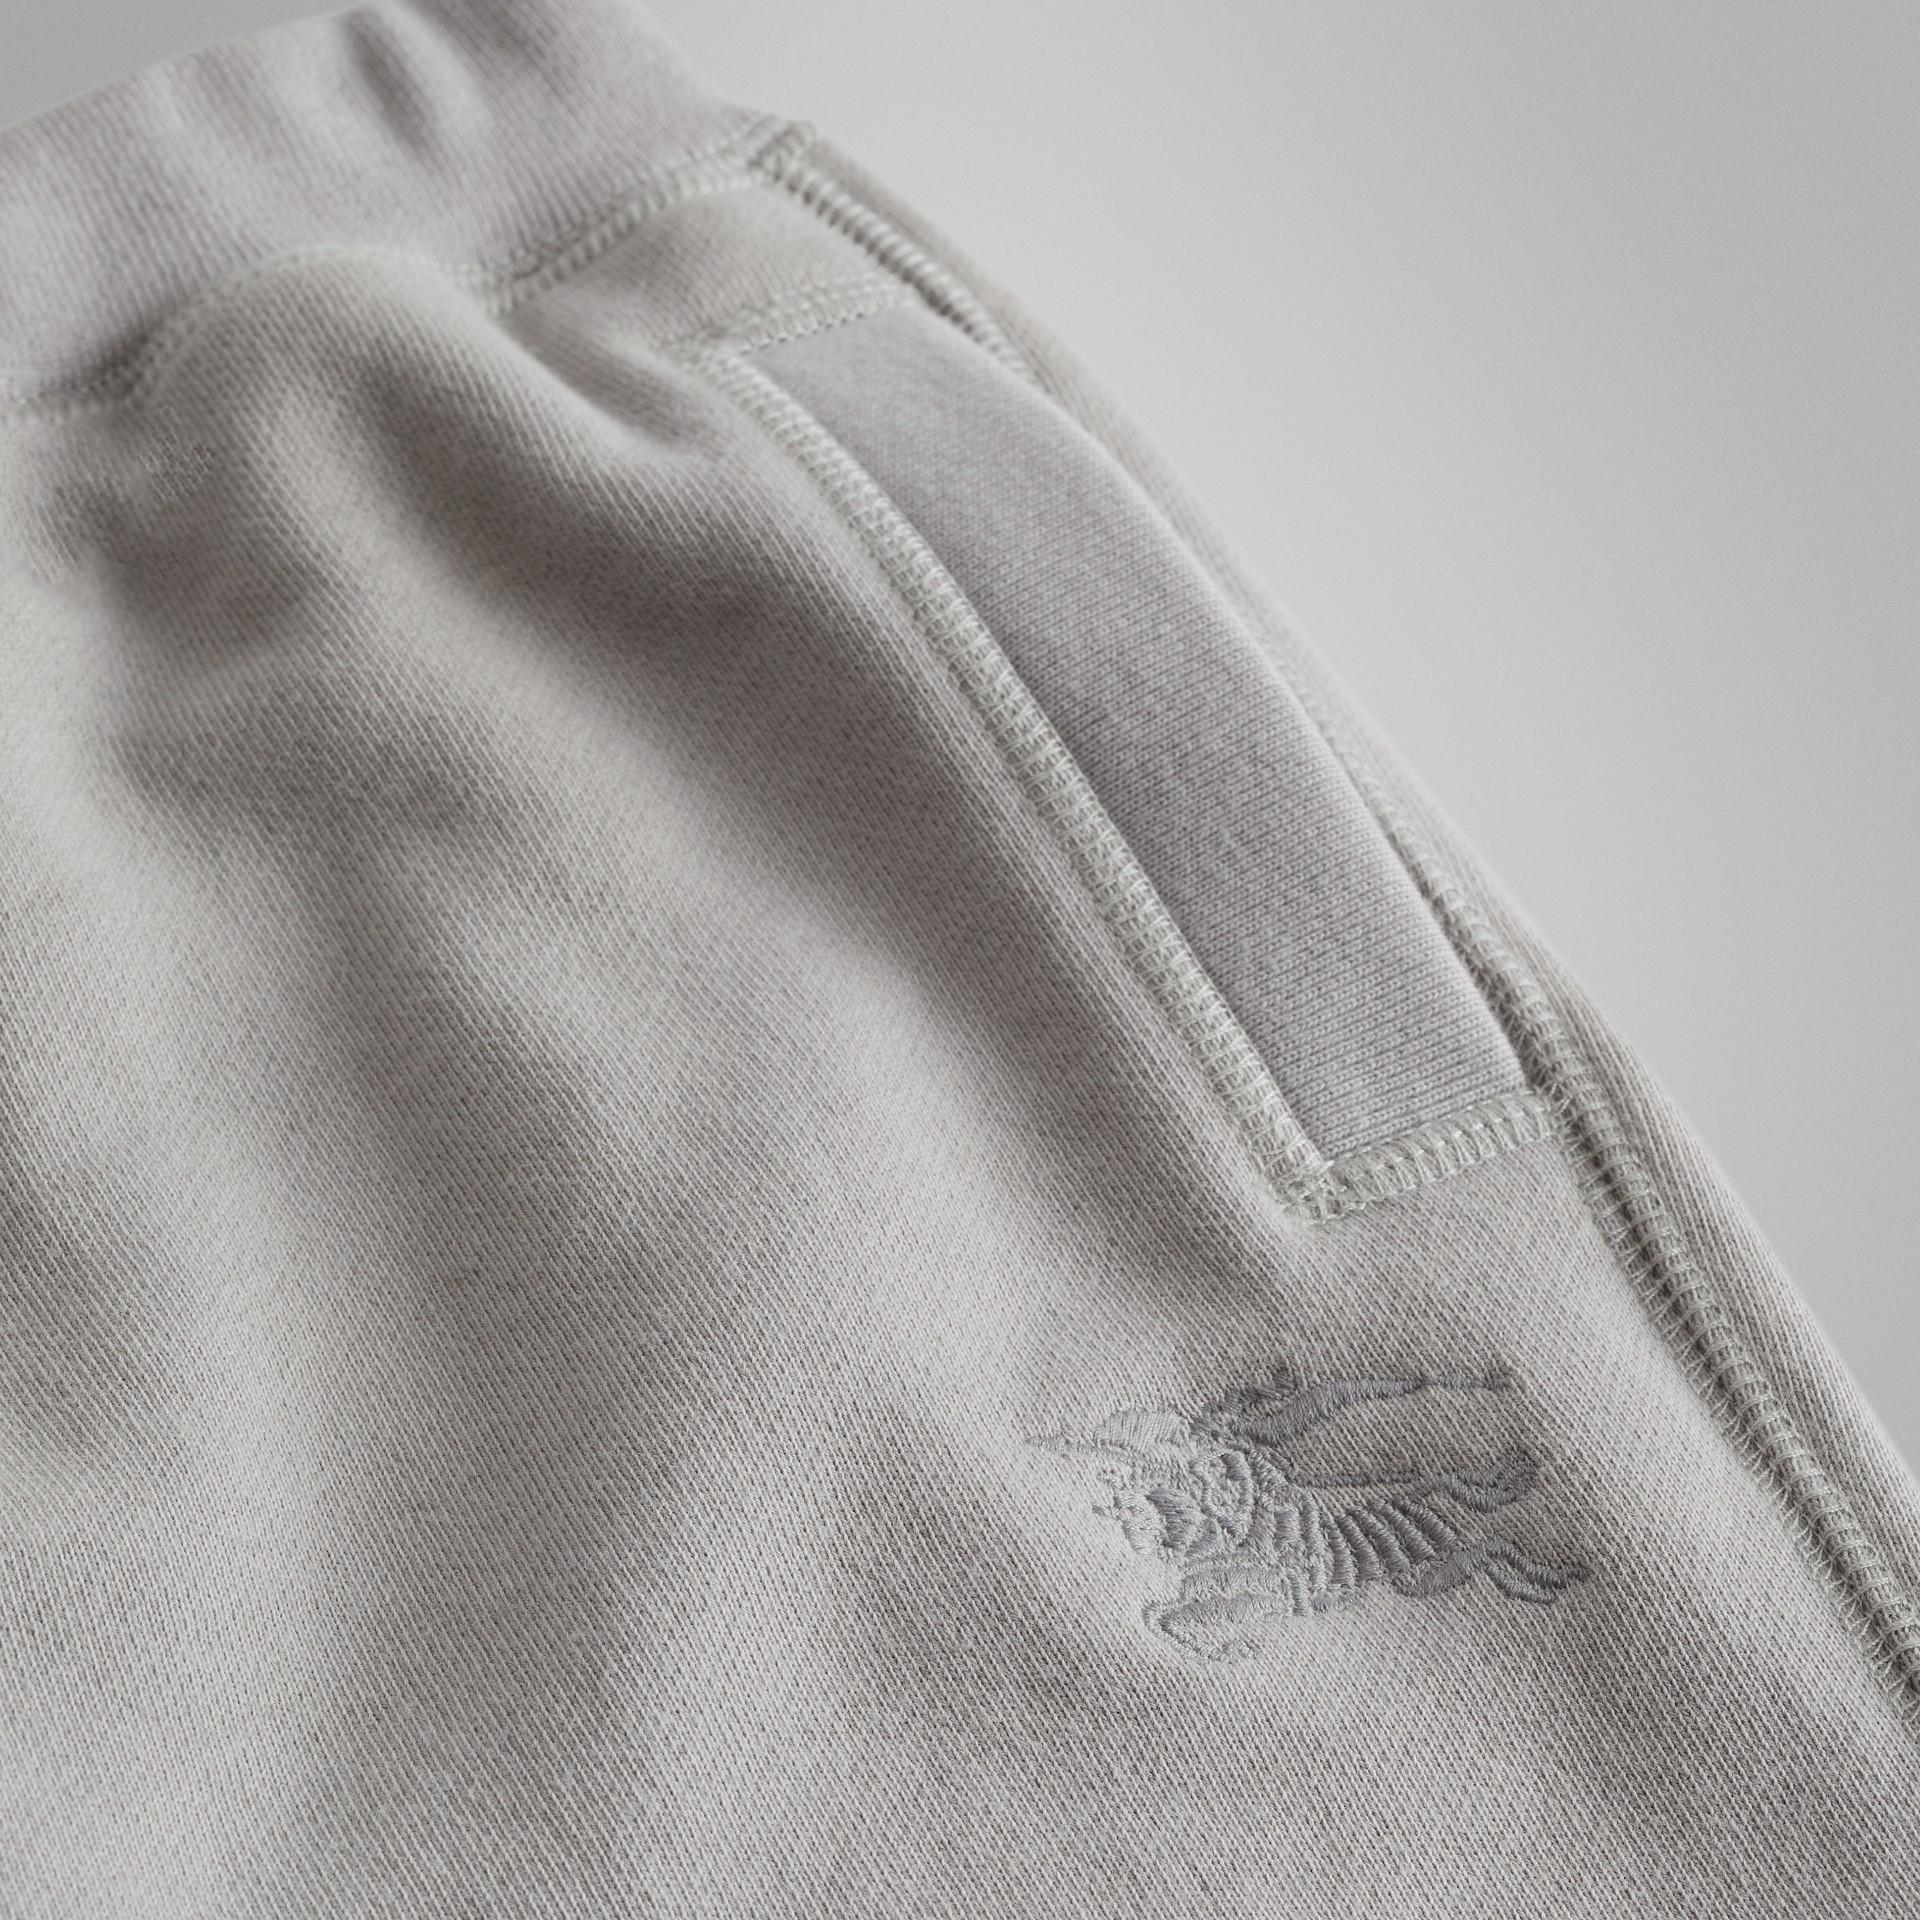 Pantalones deportivos en tejido jersey de algodón (Mezcla  Gris Tiza) | Burberry - imagen de la galería 1